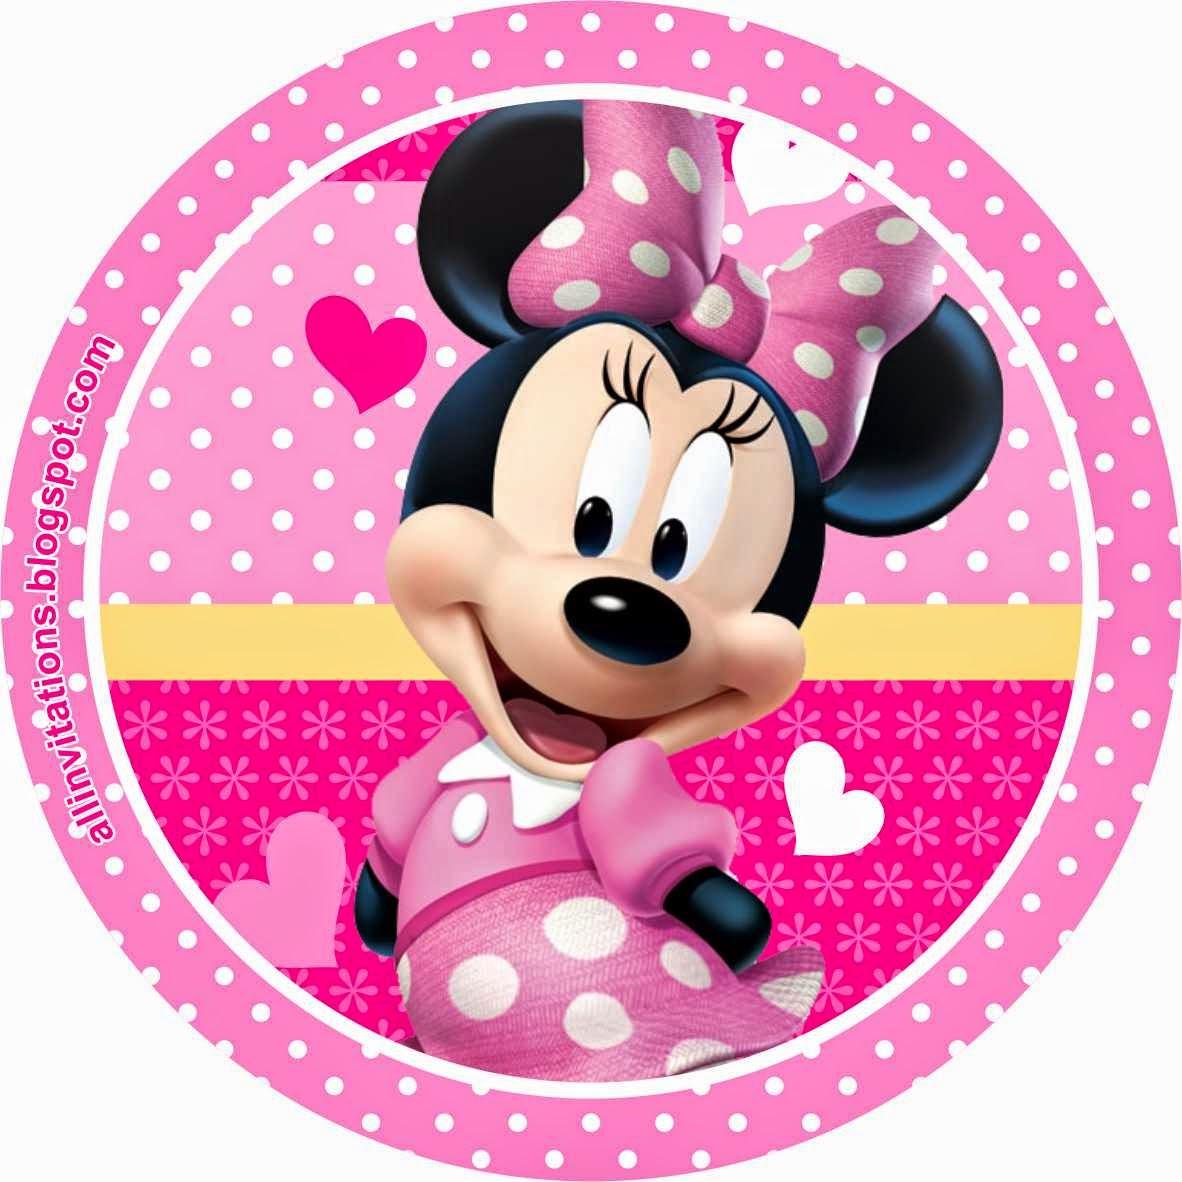 Descargar imagenes gratis de minnie mouse auto design tech - Fotos de minnie mouse ...